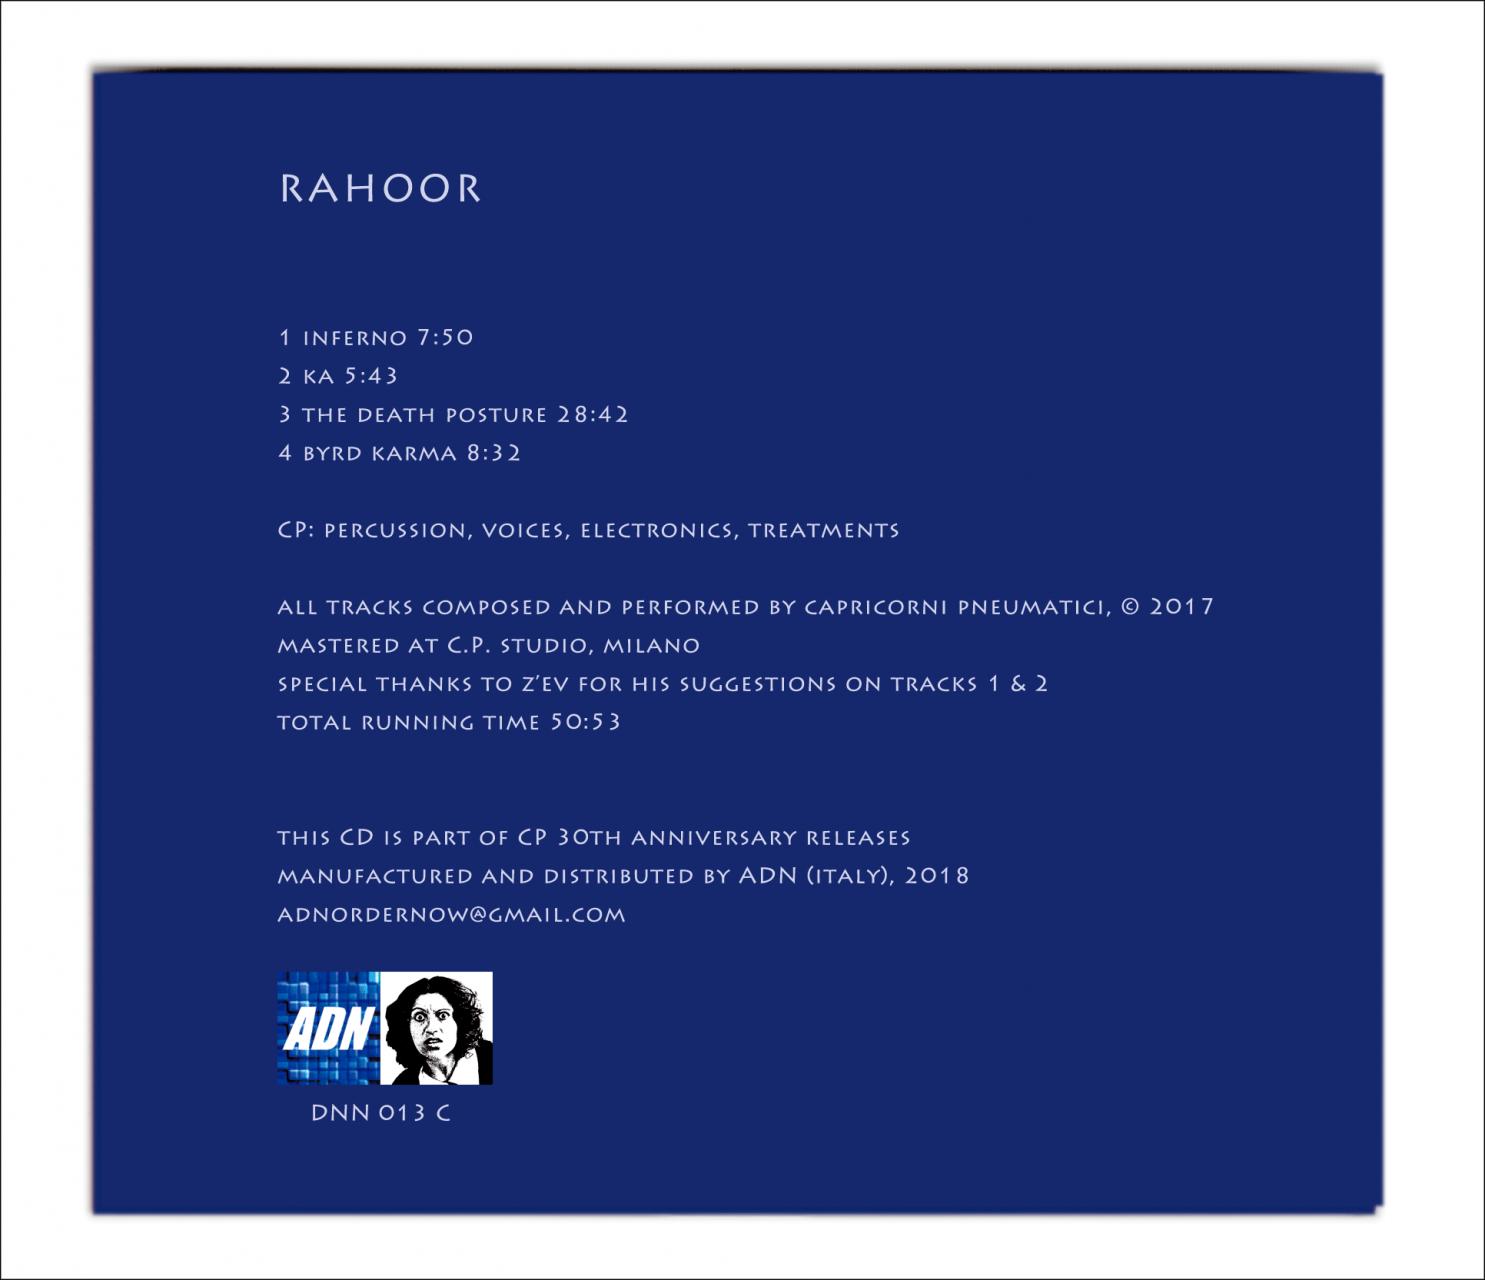 rahor-back